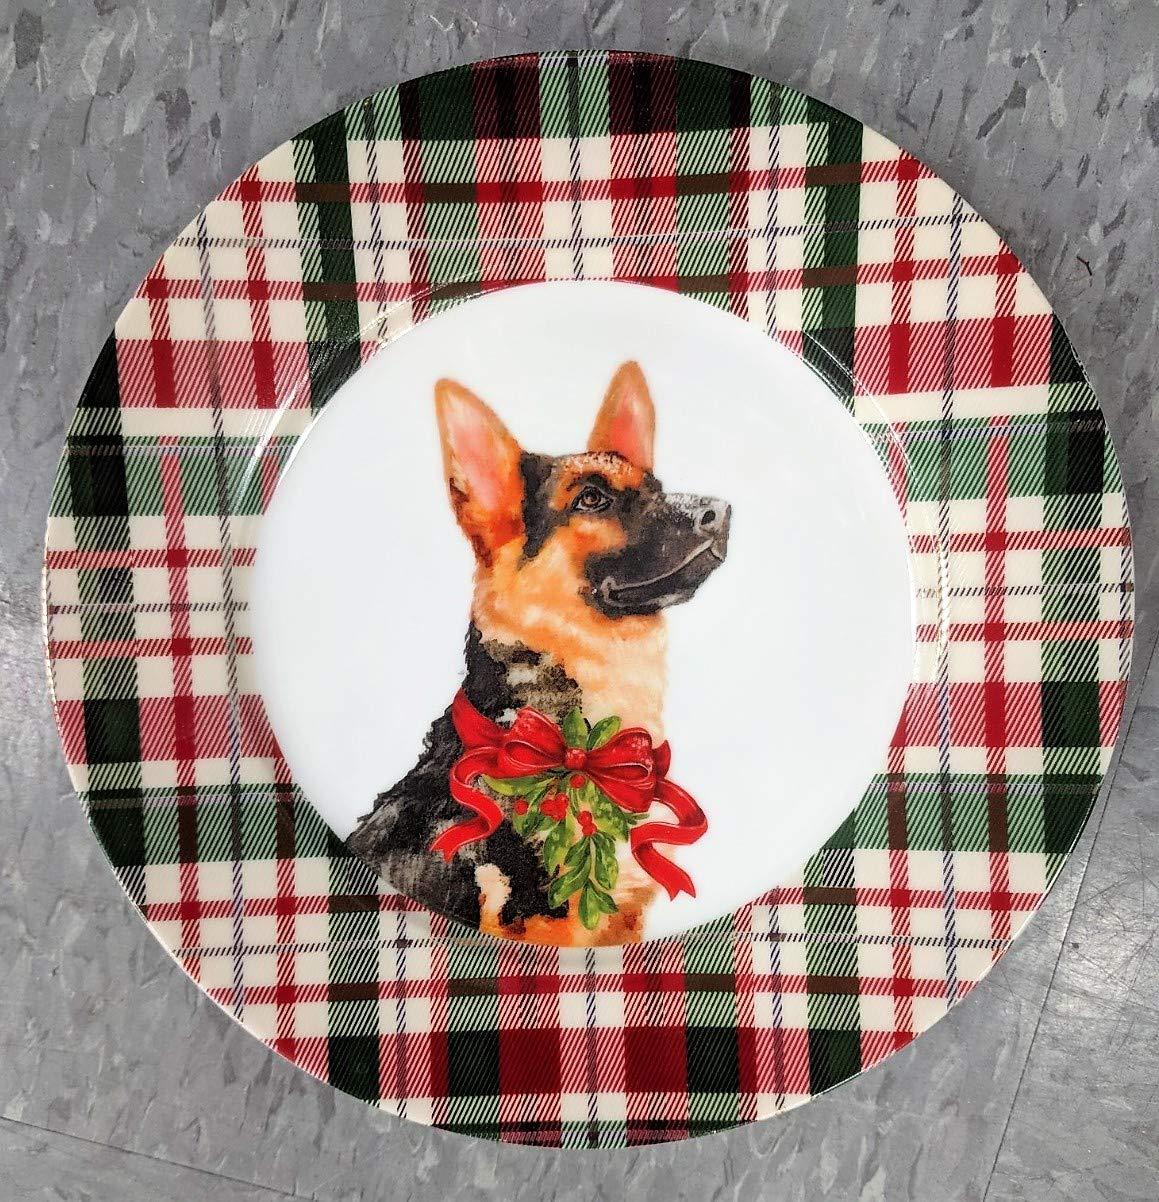 Celtic Canines お祝い用装飾ホリデーサラダまたはディスプレイプレート お気に入りの犬付き Salad B07JK28Y59 Parent ジャーマンシェパード